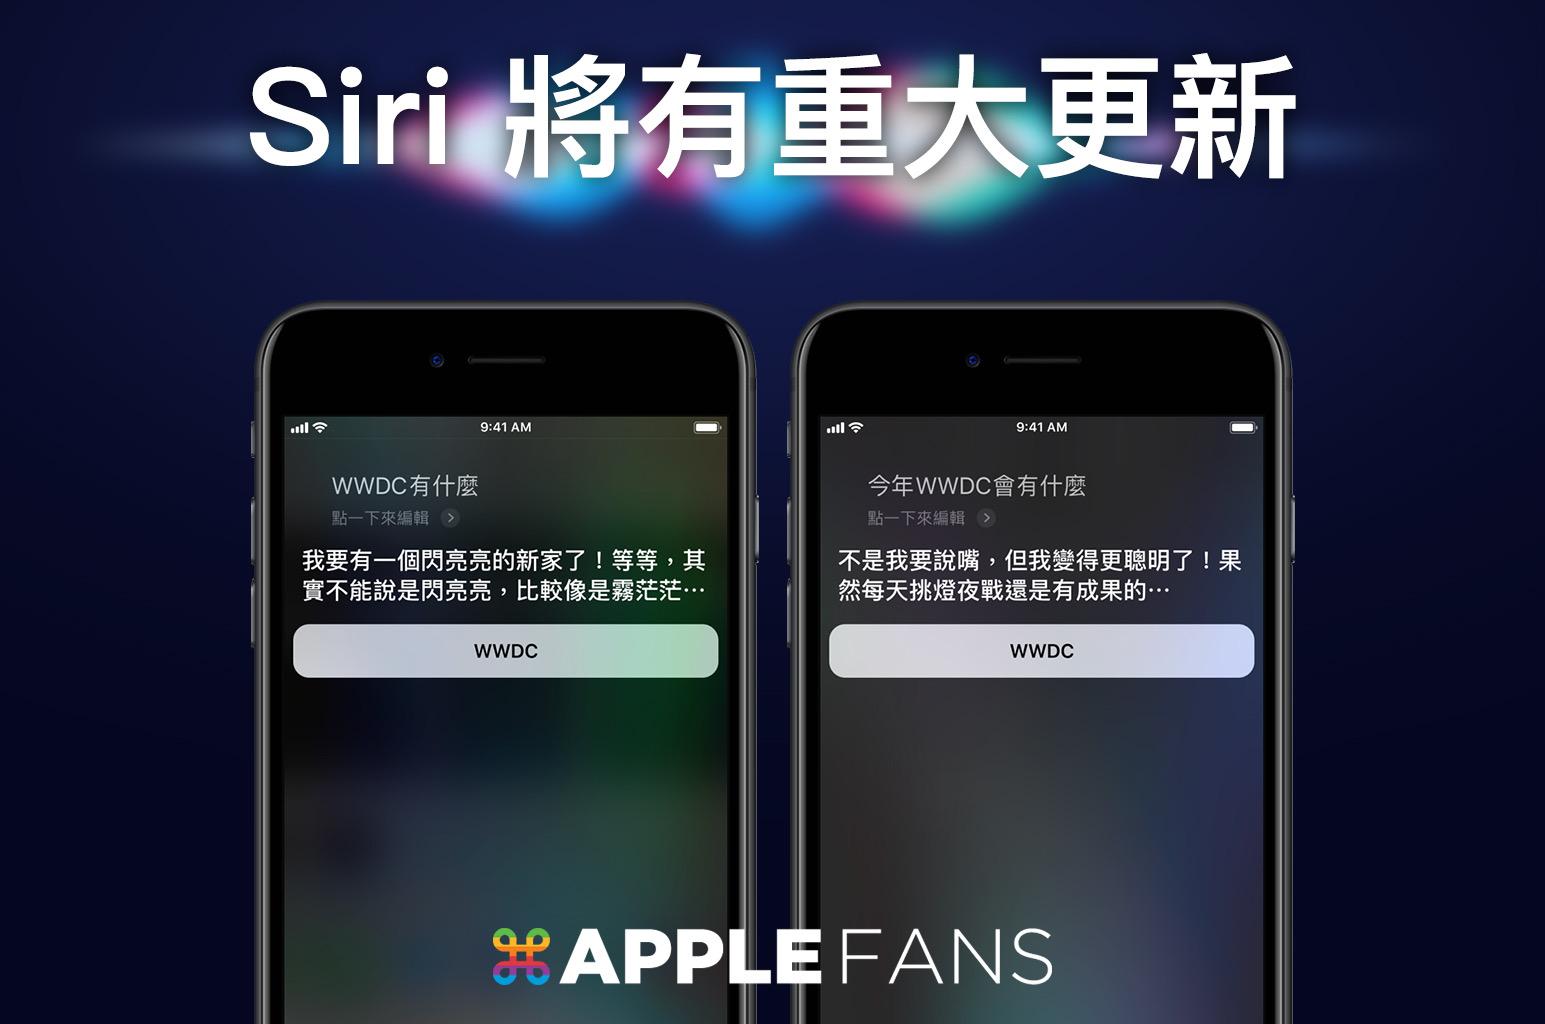 WWDC Siri